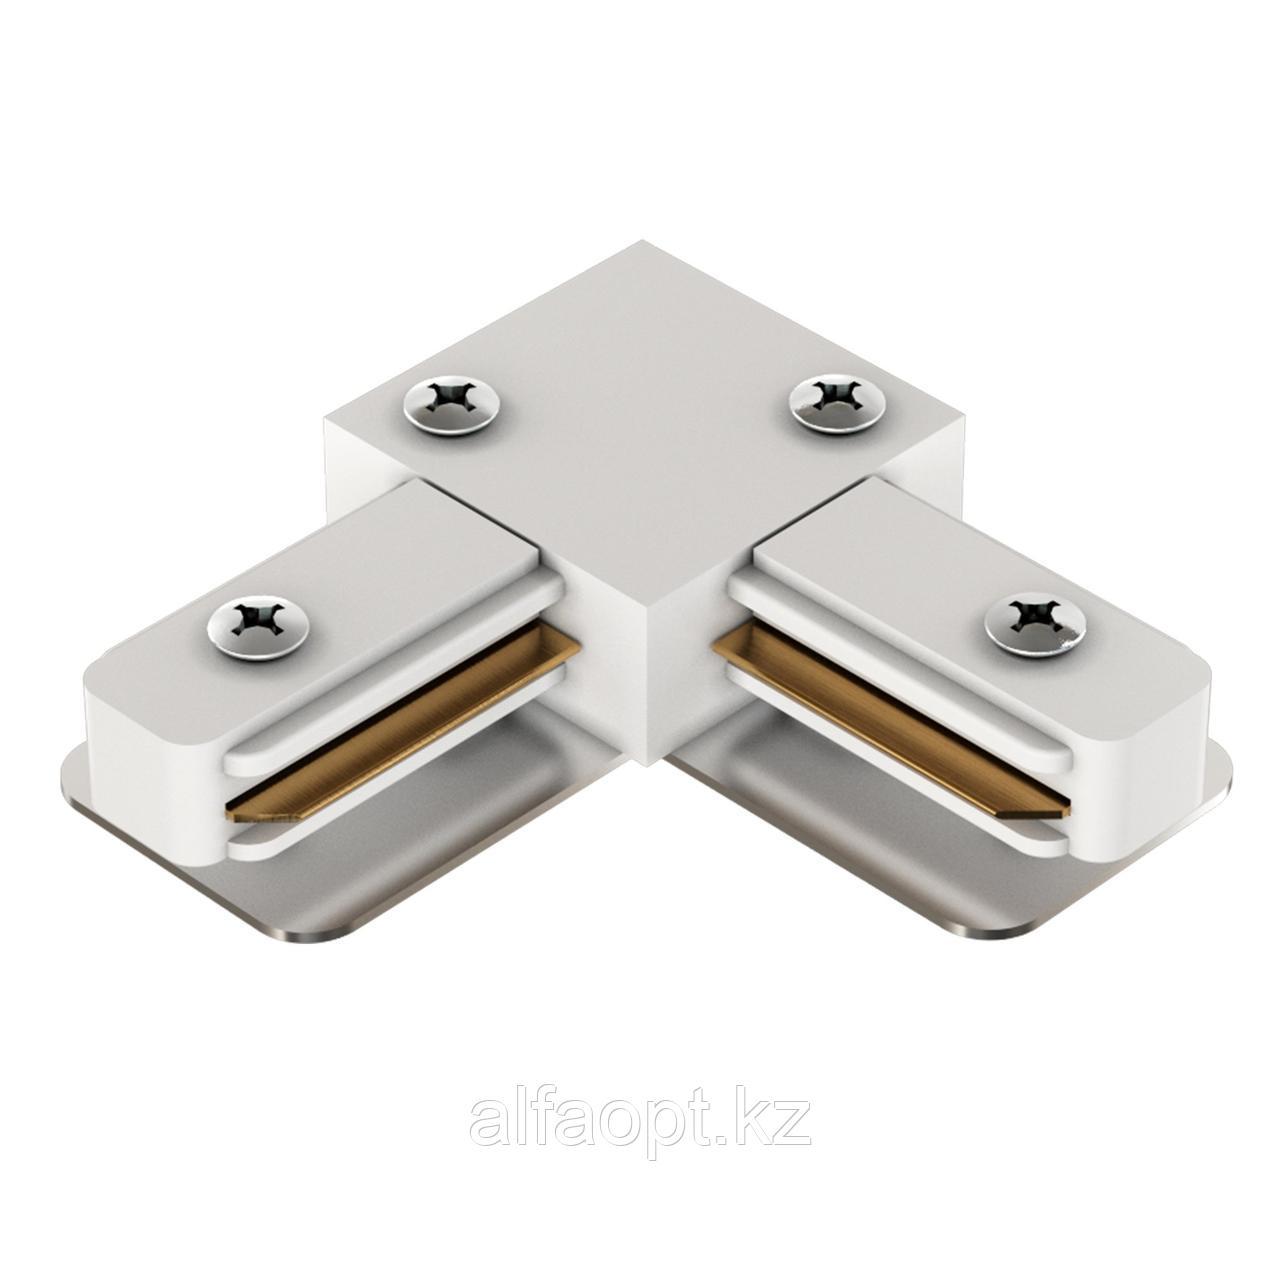 Соединитель L Geniled для однофазного шинопровода (Белый)